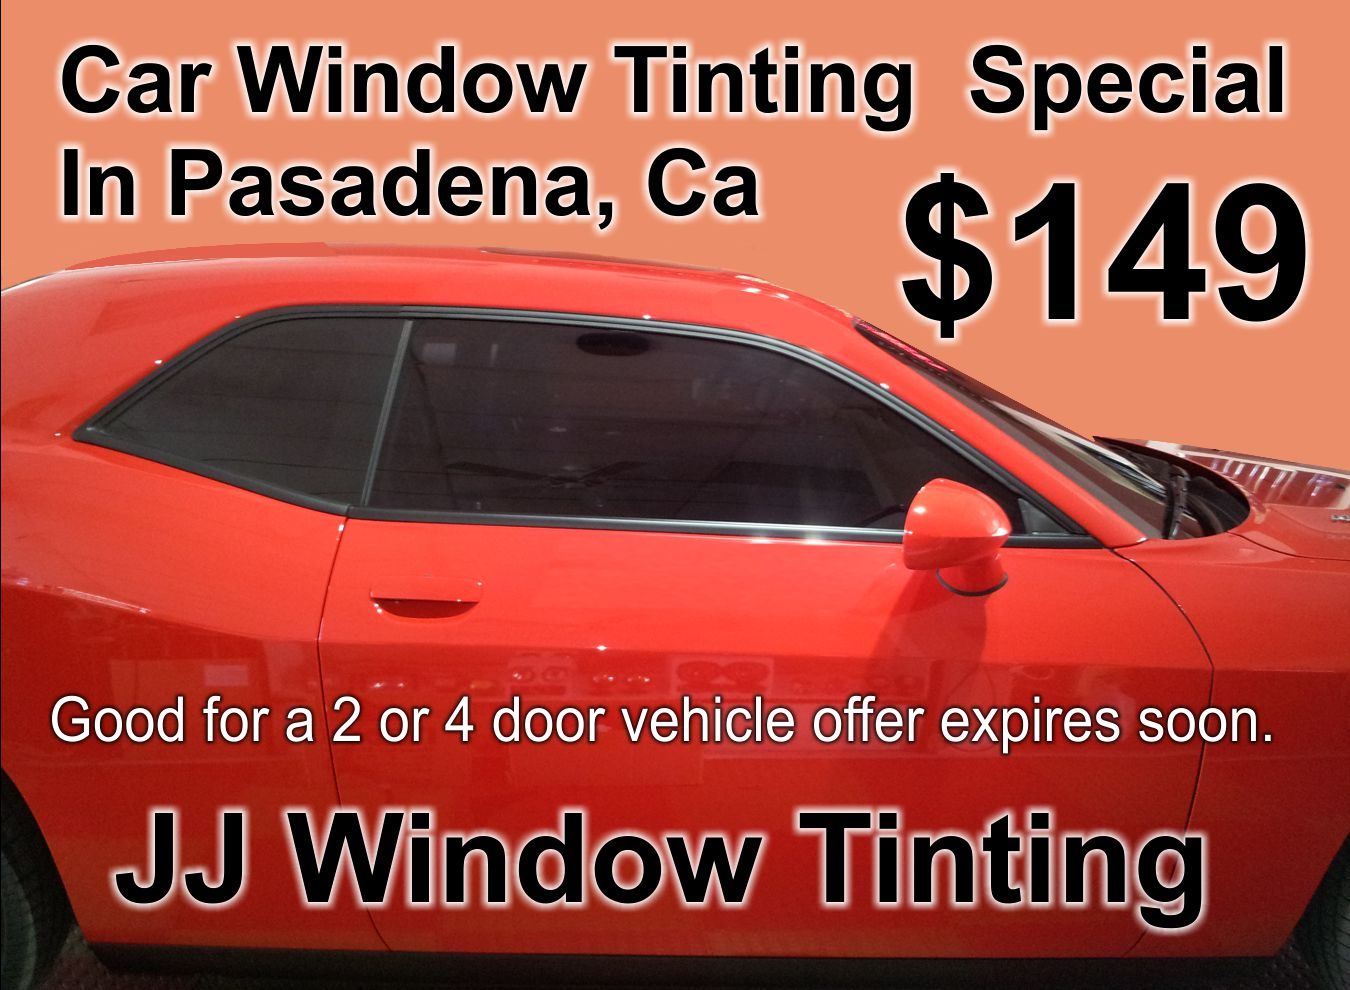 Pasadena Ca Window Tinting. JJ Window Tinting.